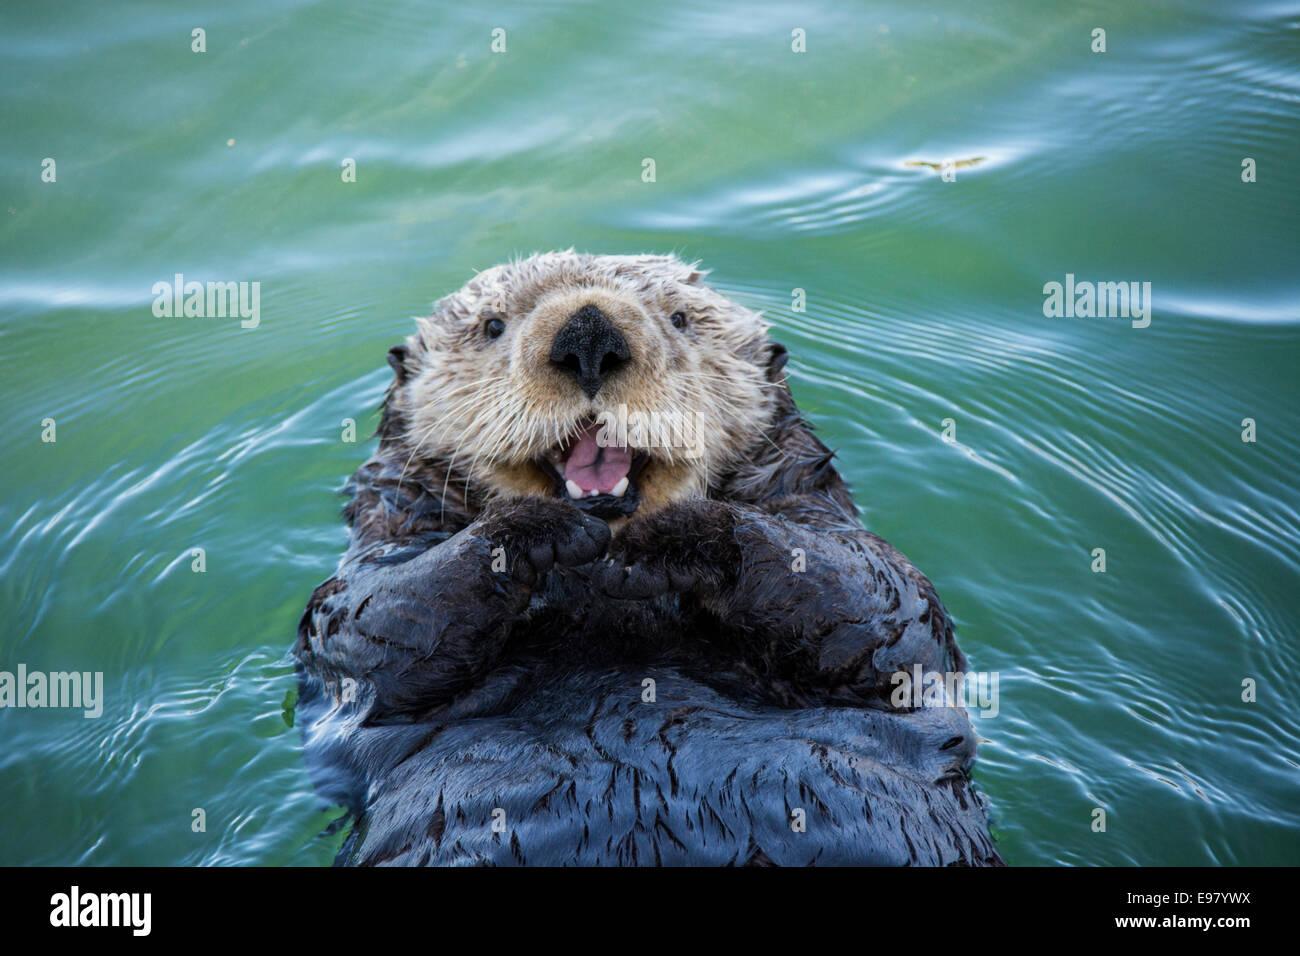 Mignon, de loutres de mer (Enhydra lutris), allongé à l'eau et apparaissant à sourire ou rire, Photo Stock